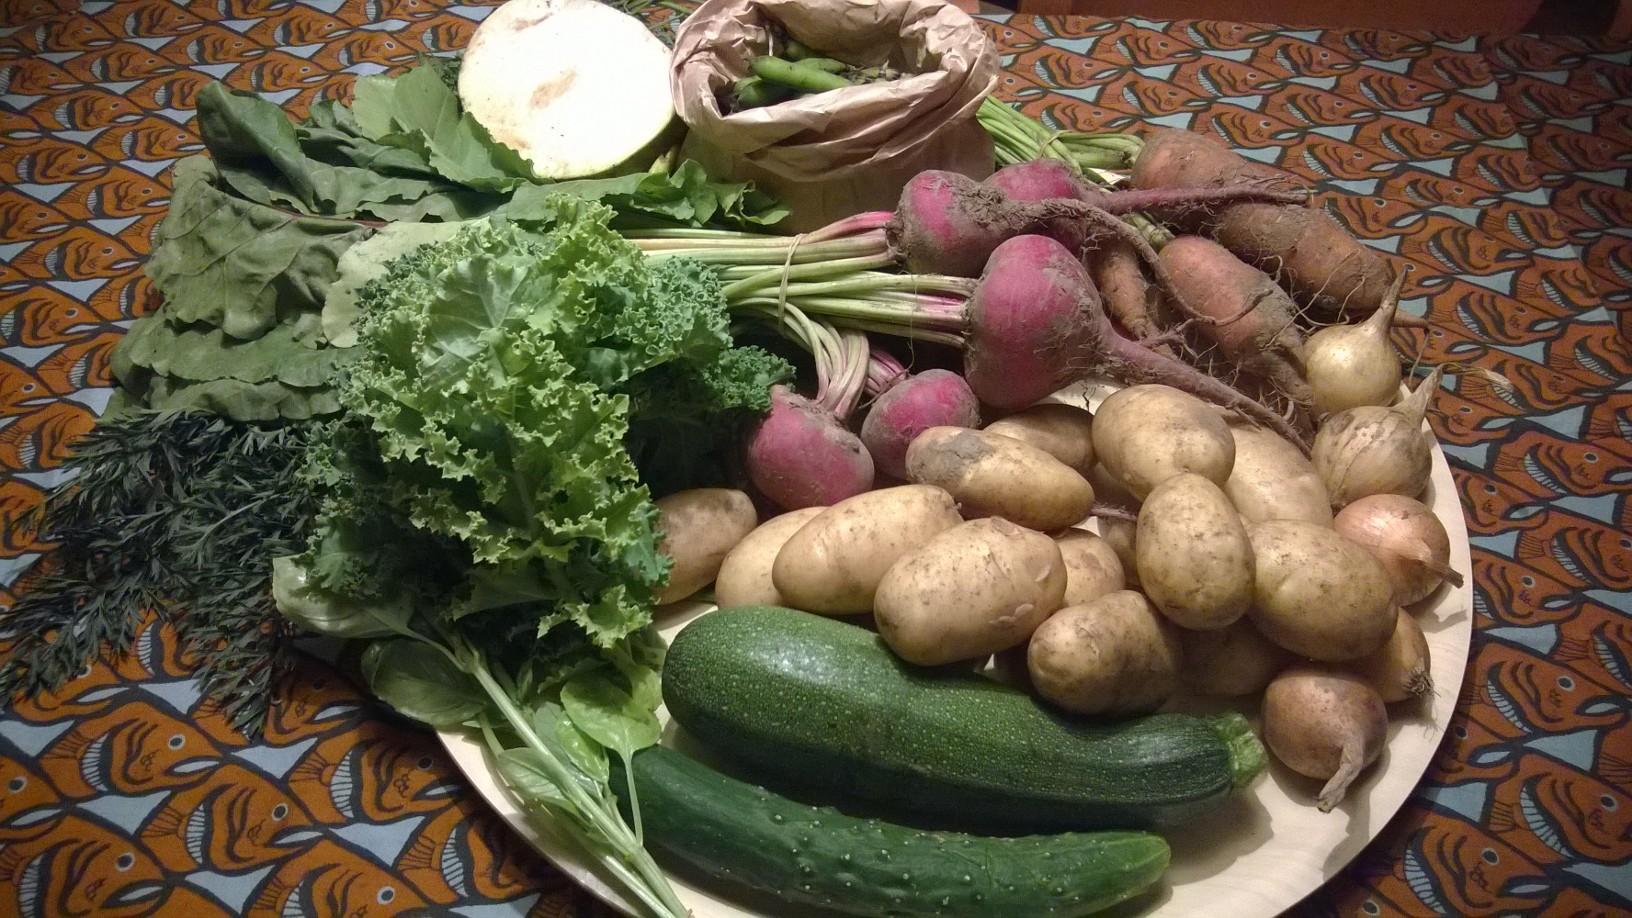 Porkkanat naatteineen 585g, herne 402g, kurkku 136g, kesäkurpitsa 328g, basililka 28g, sipuli 218g, raitajuuri 762g, lehtikaali 69g, peruna 1kg, lanttu 505 g